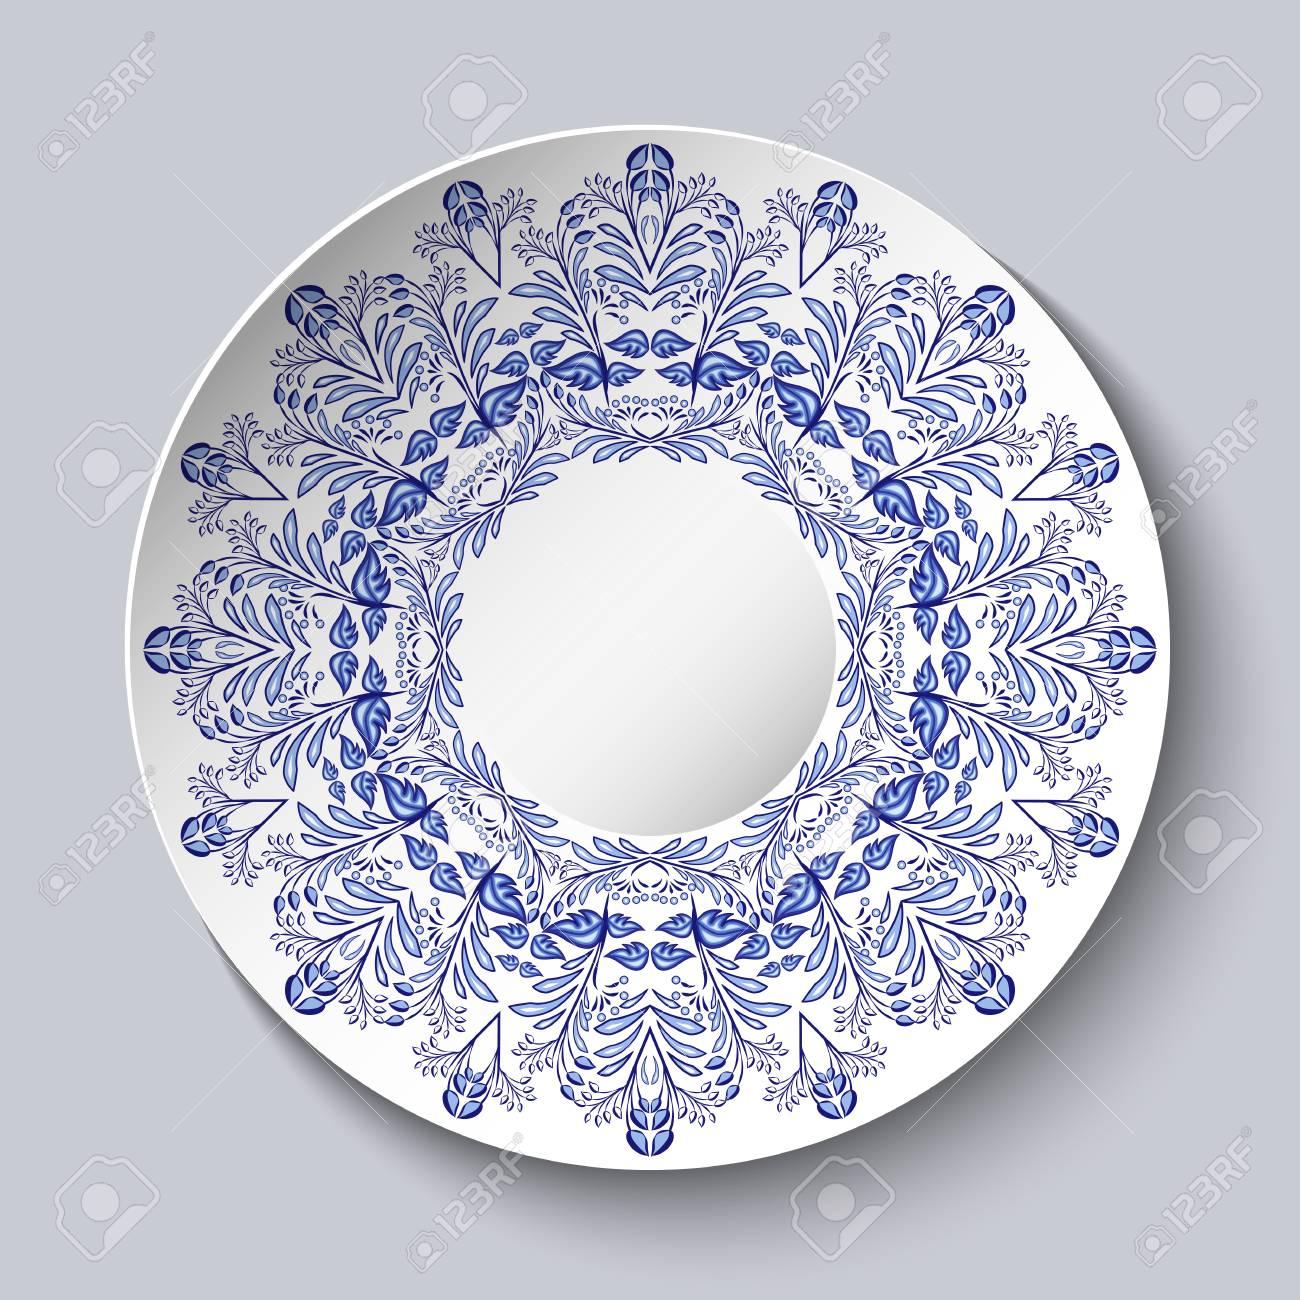 Peinture Sur Porcelaine Assiette assiette en porcelaine à motif floral bleu. imitation de la peinture sur  porcelaine chinoise ou russe. illustration vectorielle